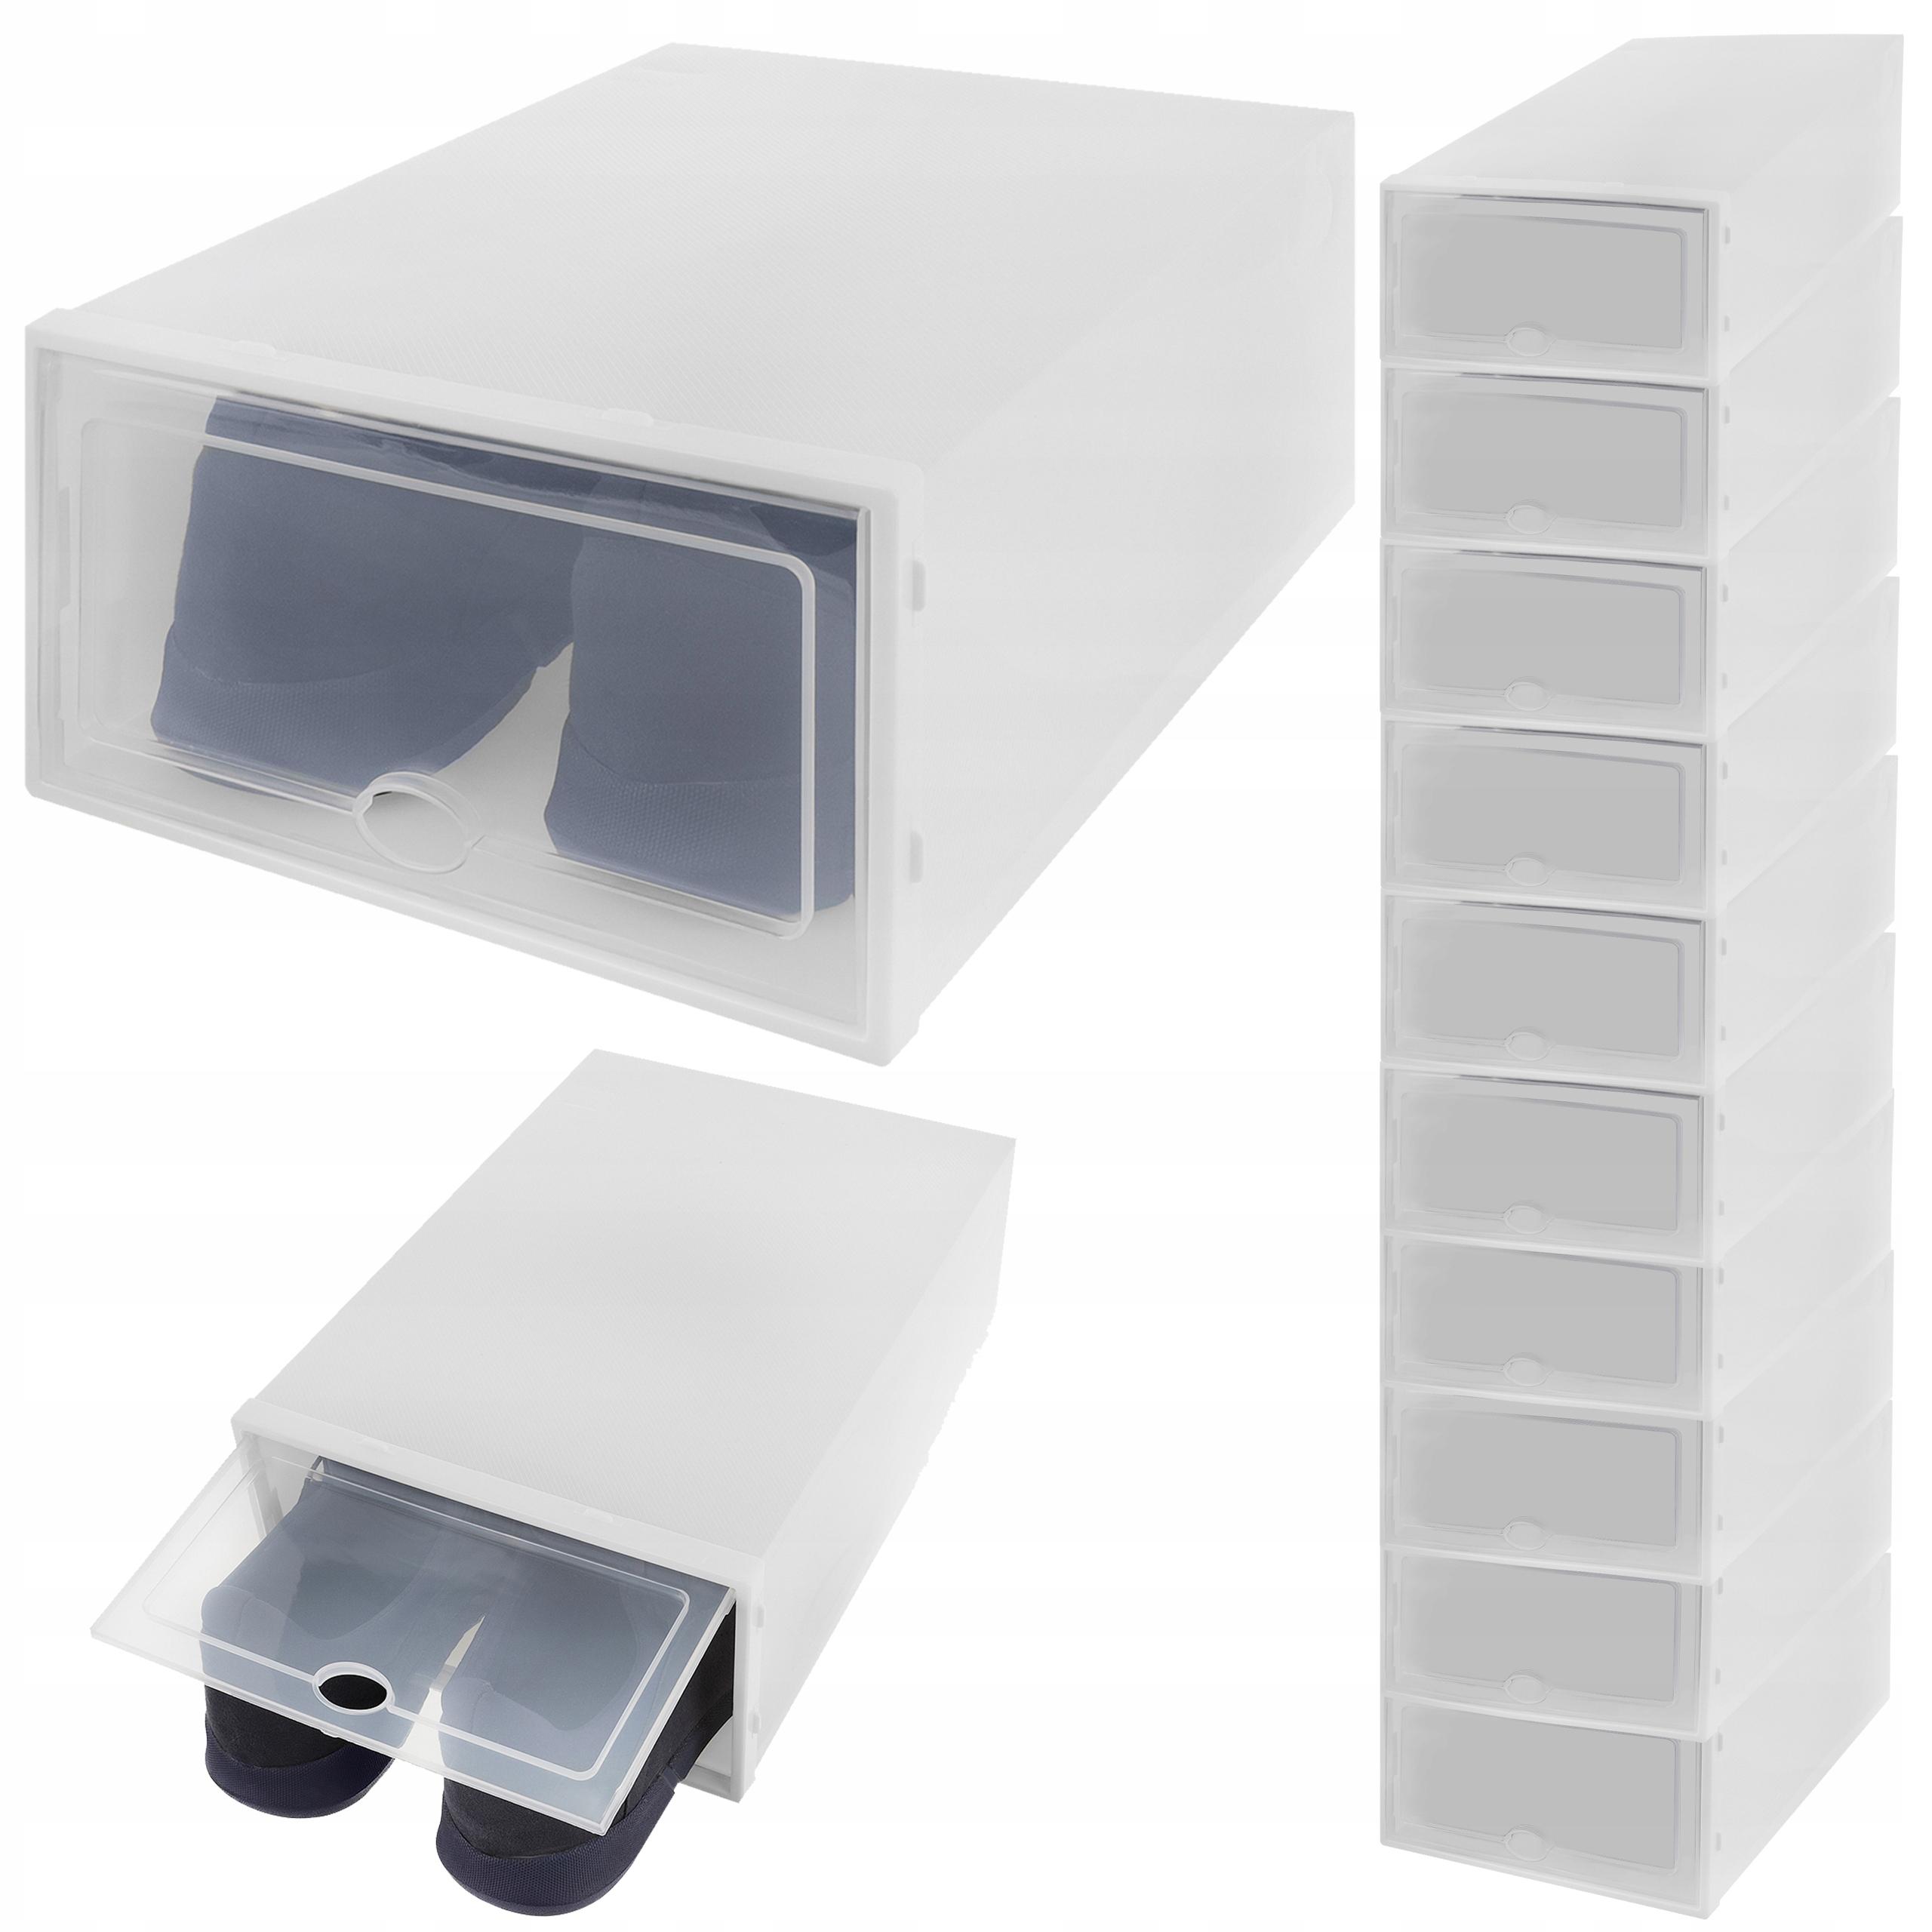 10 x Pudełko Pojemnik Organizer na Buty z Klapką